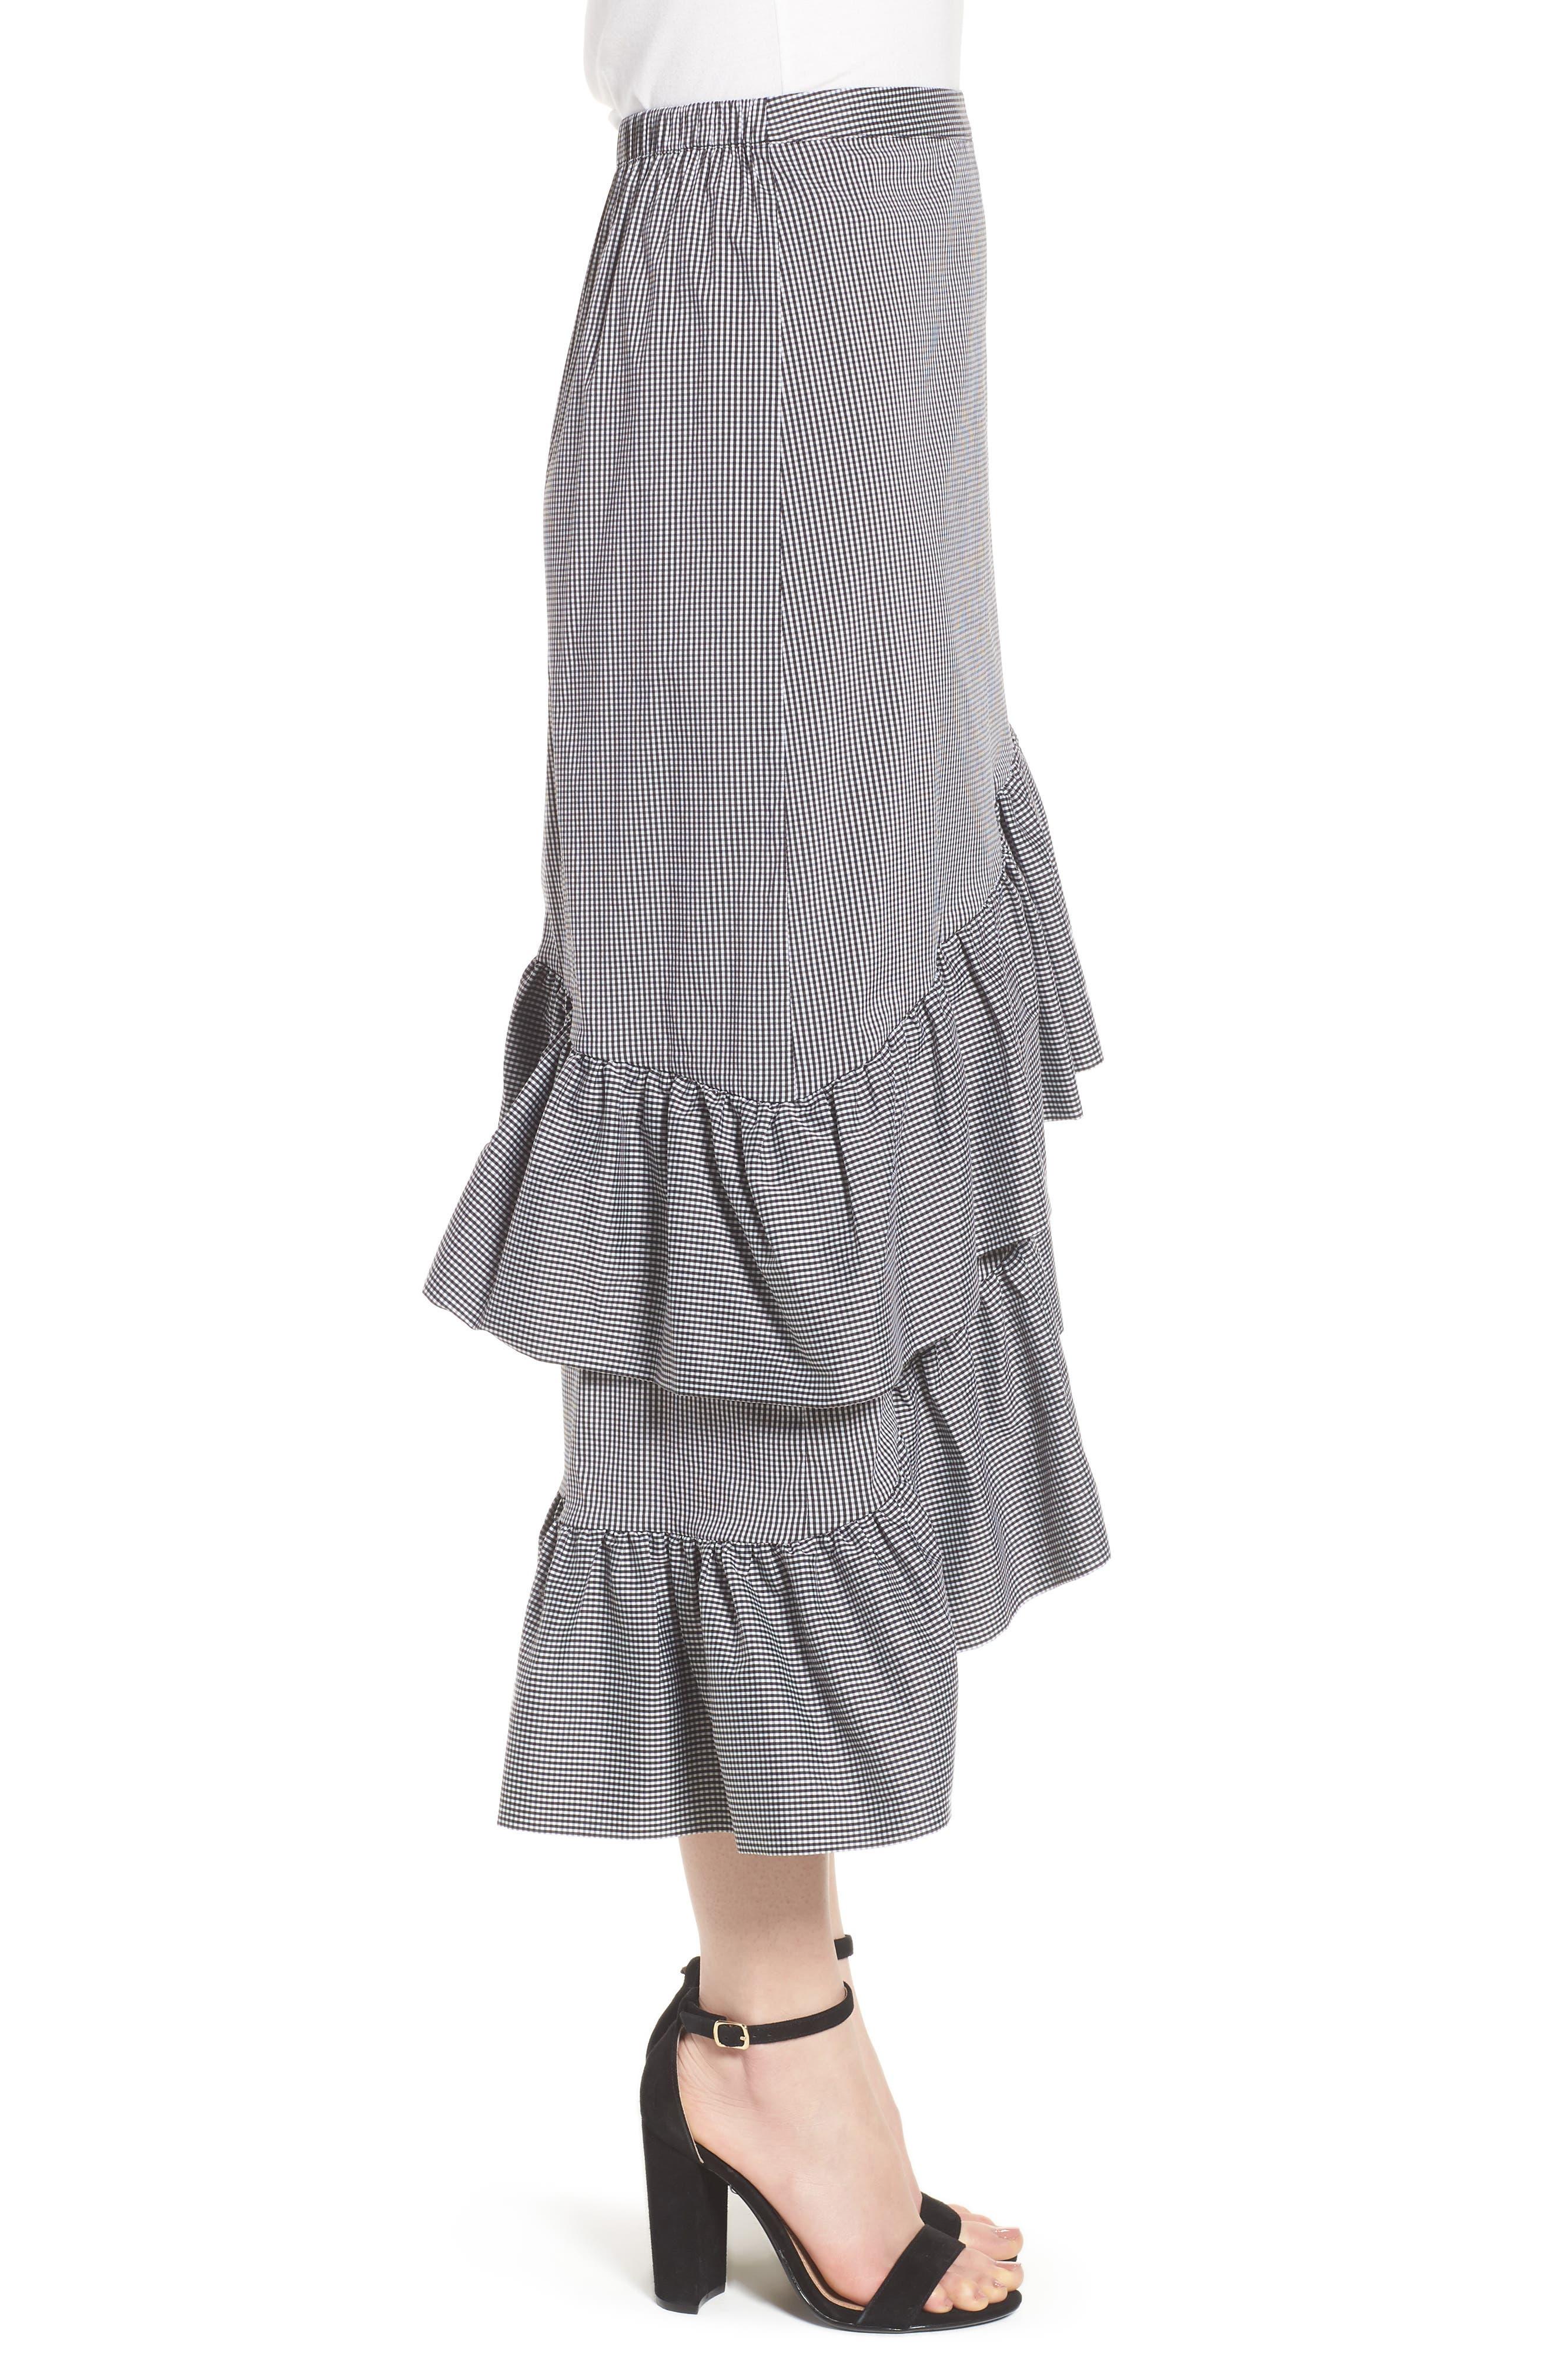 Gingham Ruffle Skirt,                             Alternate thumbnail 3, color,                             Black- White Mini Gingham